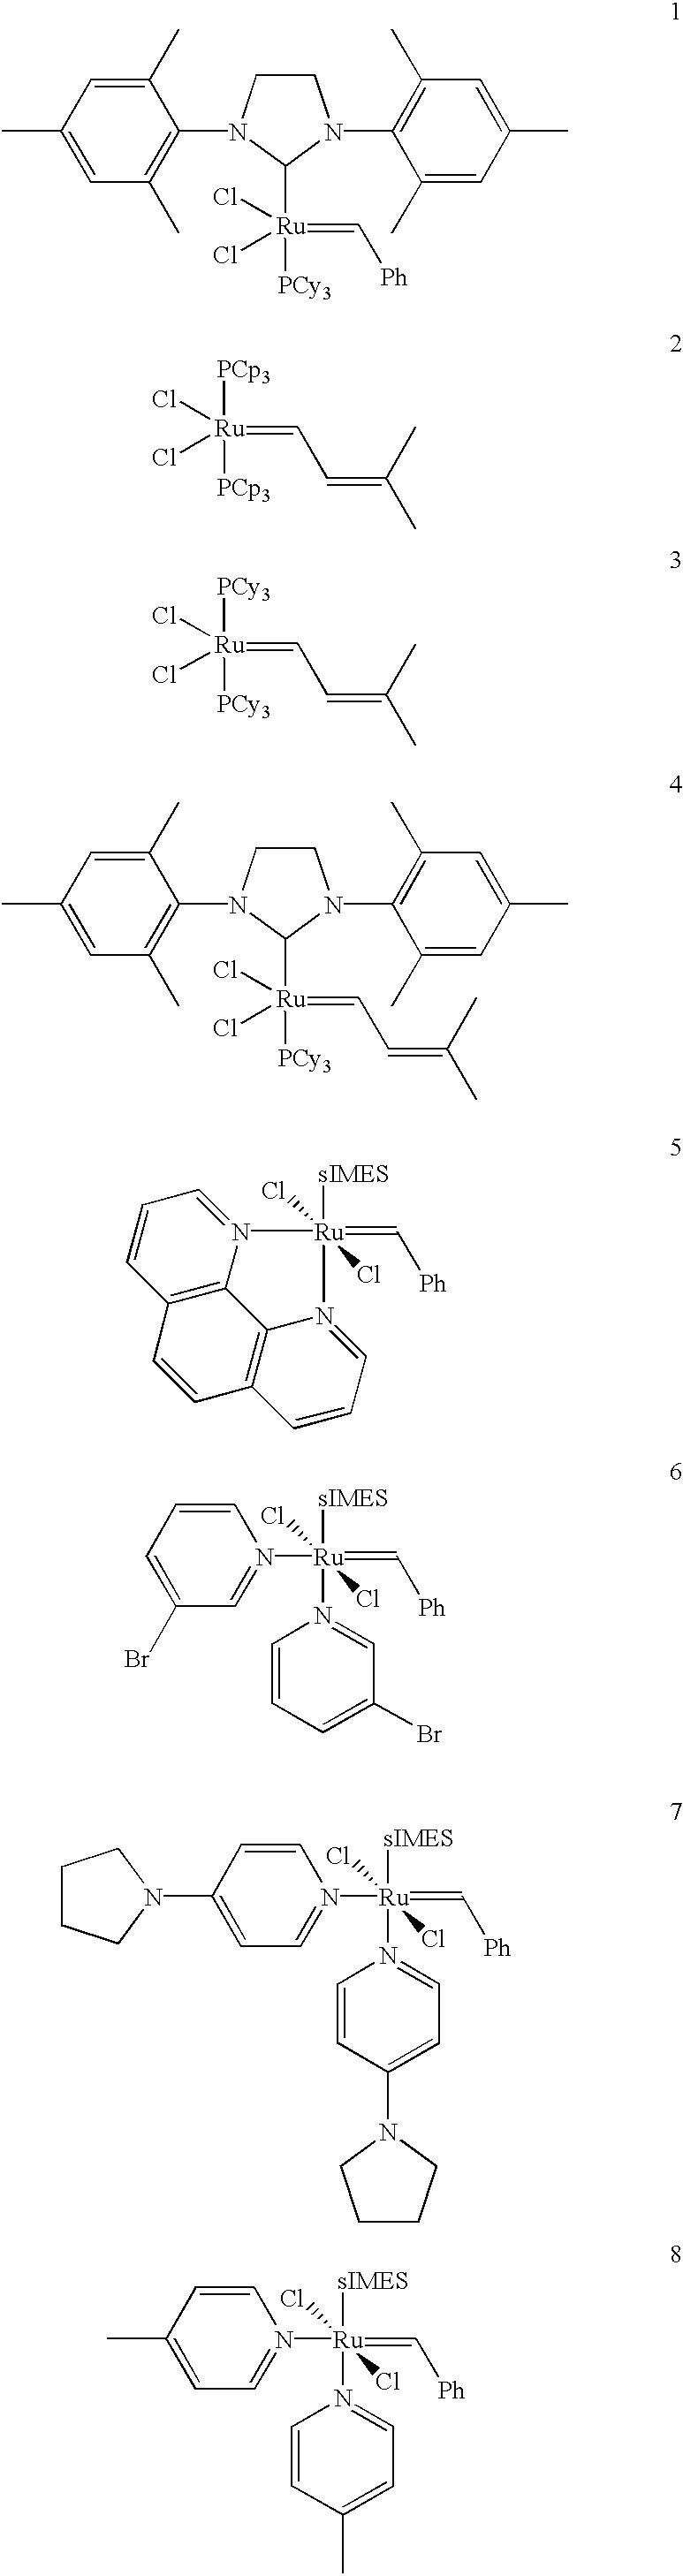 Figure US06818586-20041116-C00016